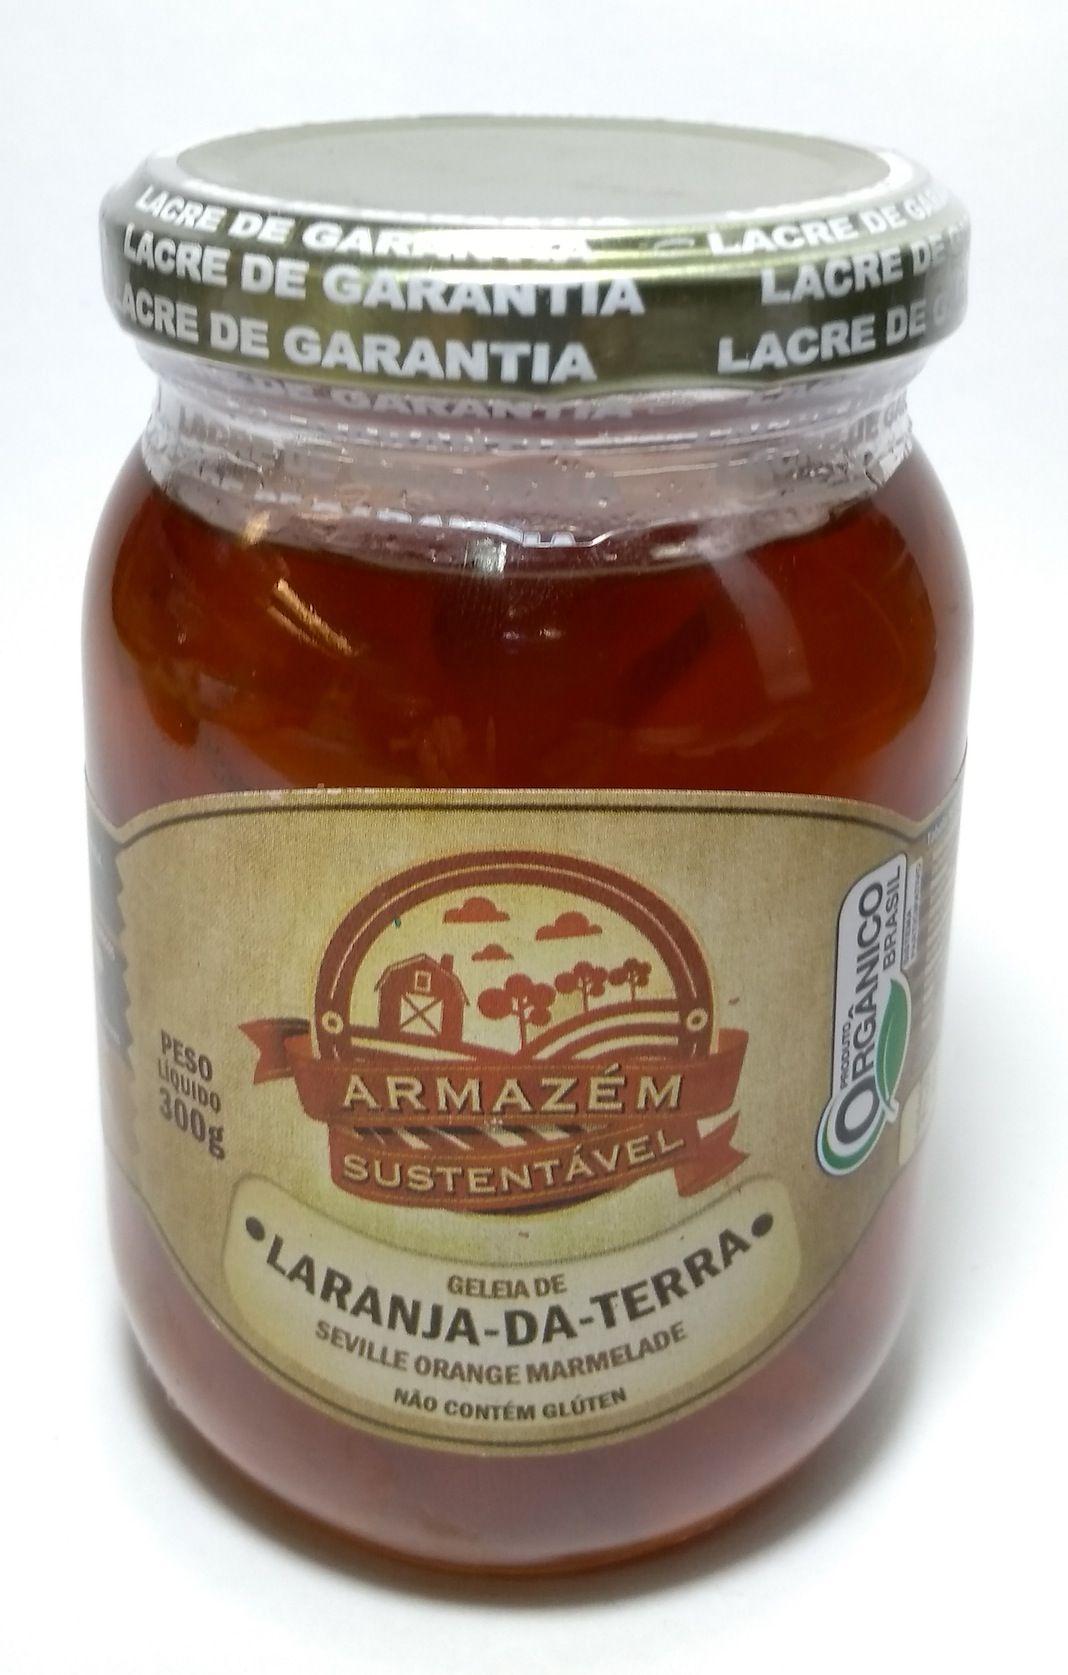 Geleia orgânica de laranja-da-terra, 300g – Armazém Sustentável